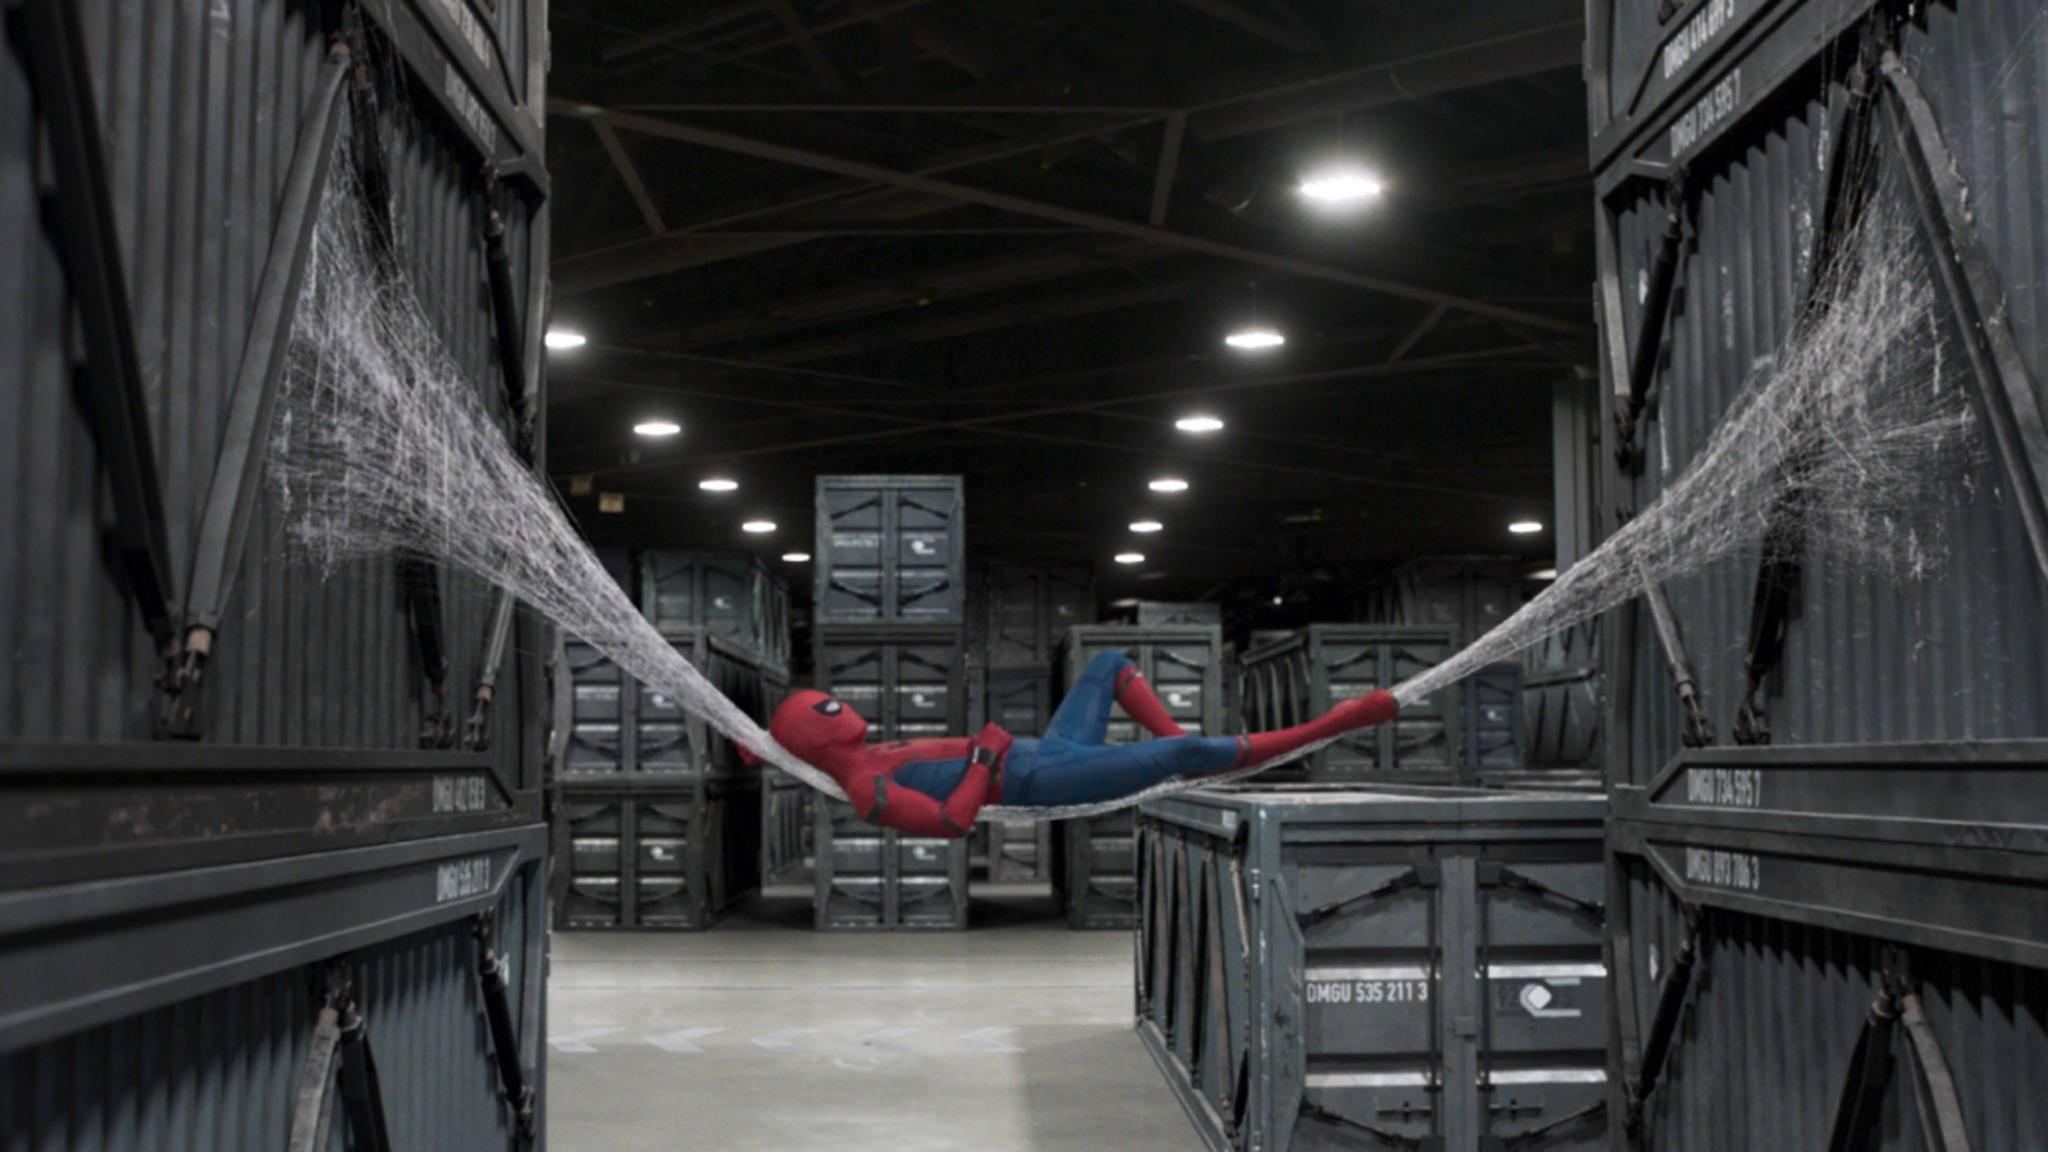 Bei den gigantischen Einspielergebnissen am ersten Wochenende kann Spider-Man getrost eine Runde abhängen.